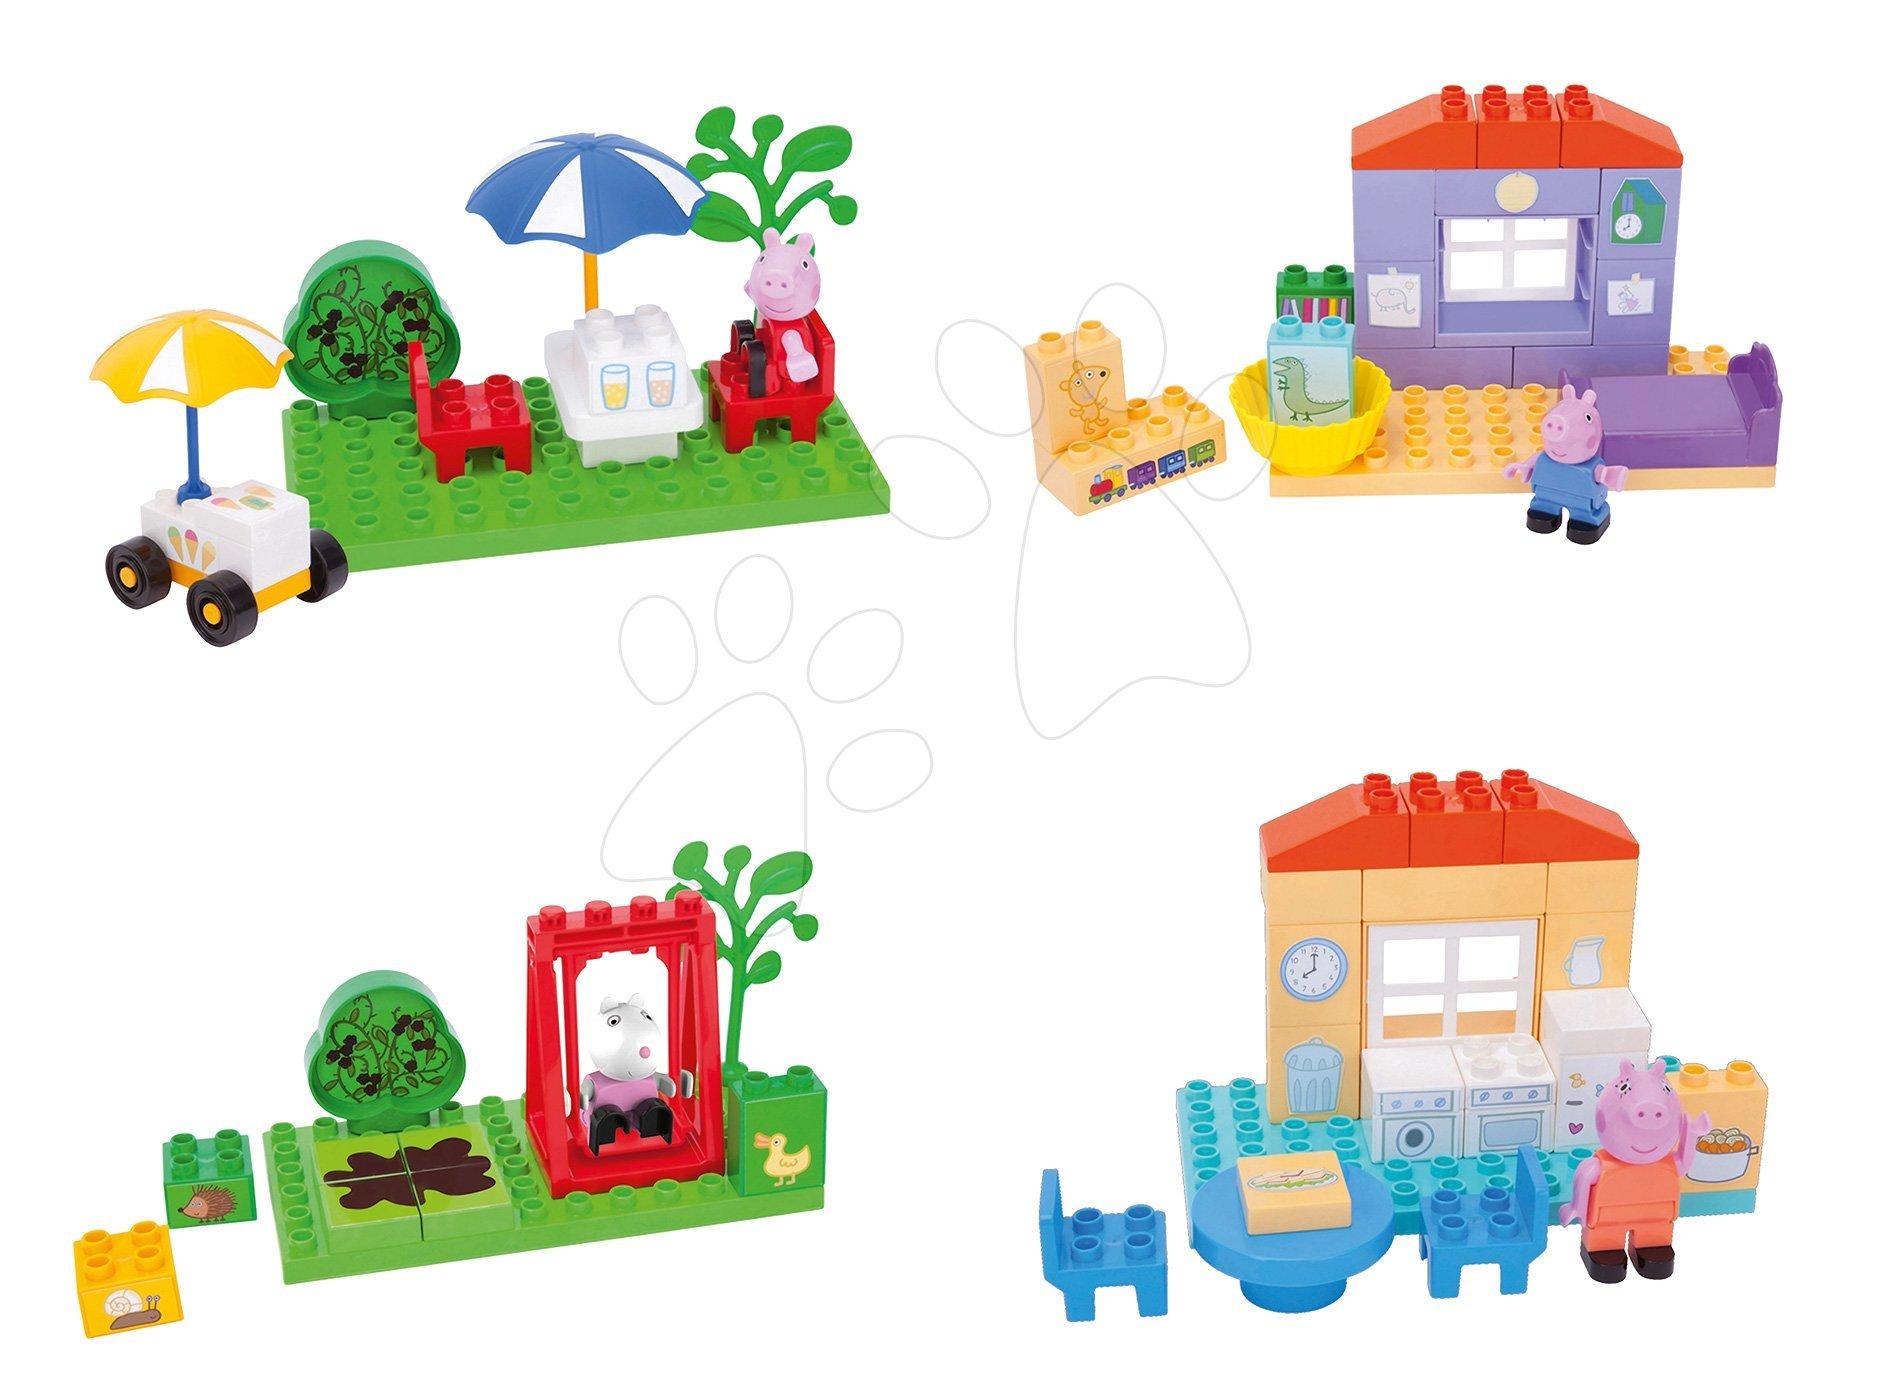 Szett építőjáték Peppa Pig PlayBIG BLOXX 4 fajta figurákkal 1,5-5 éves korosztálynak